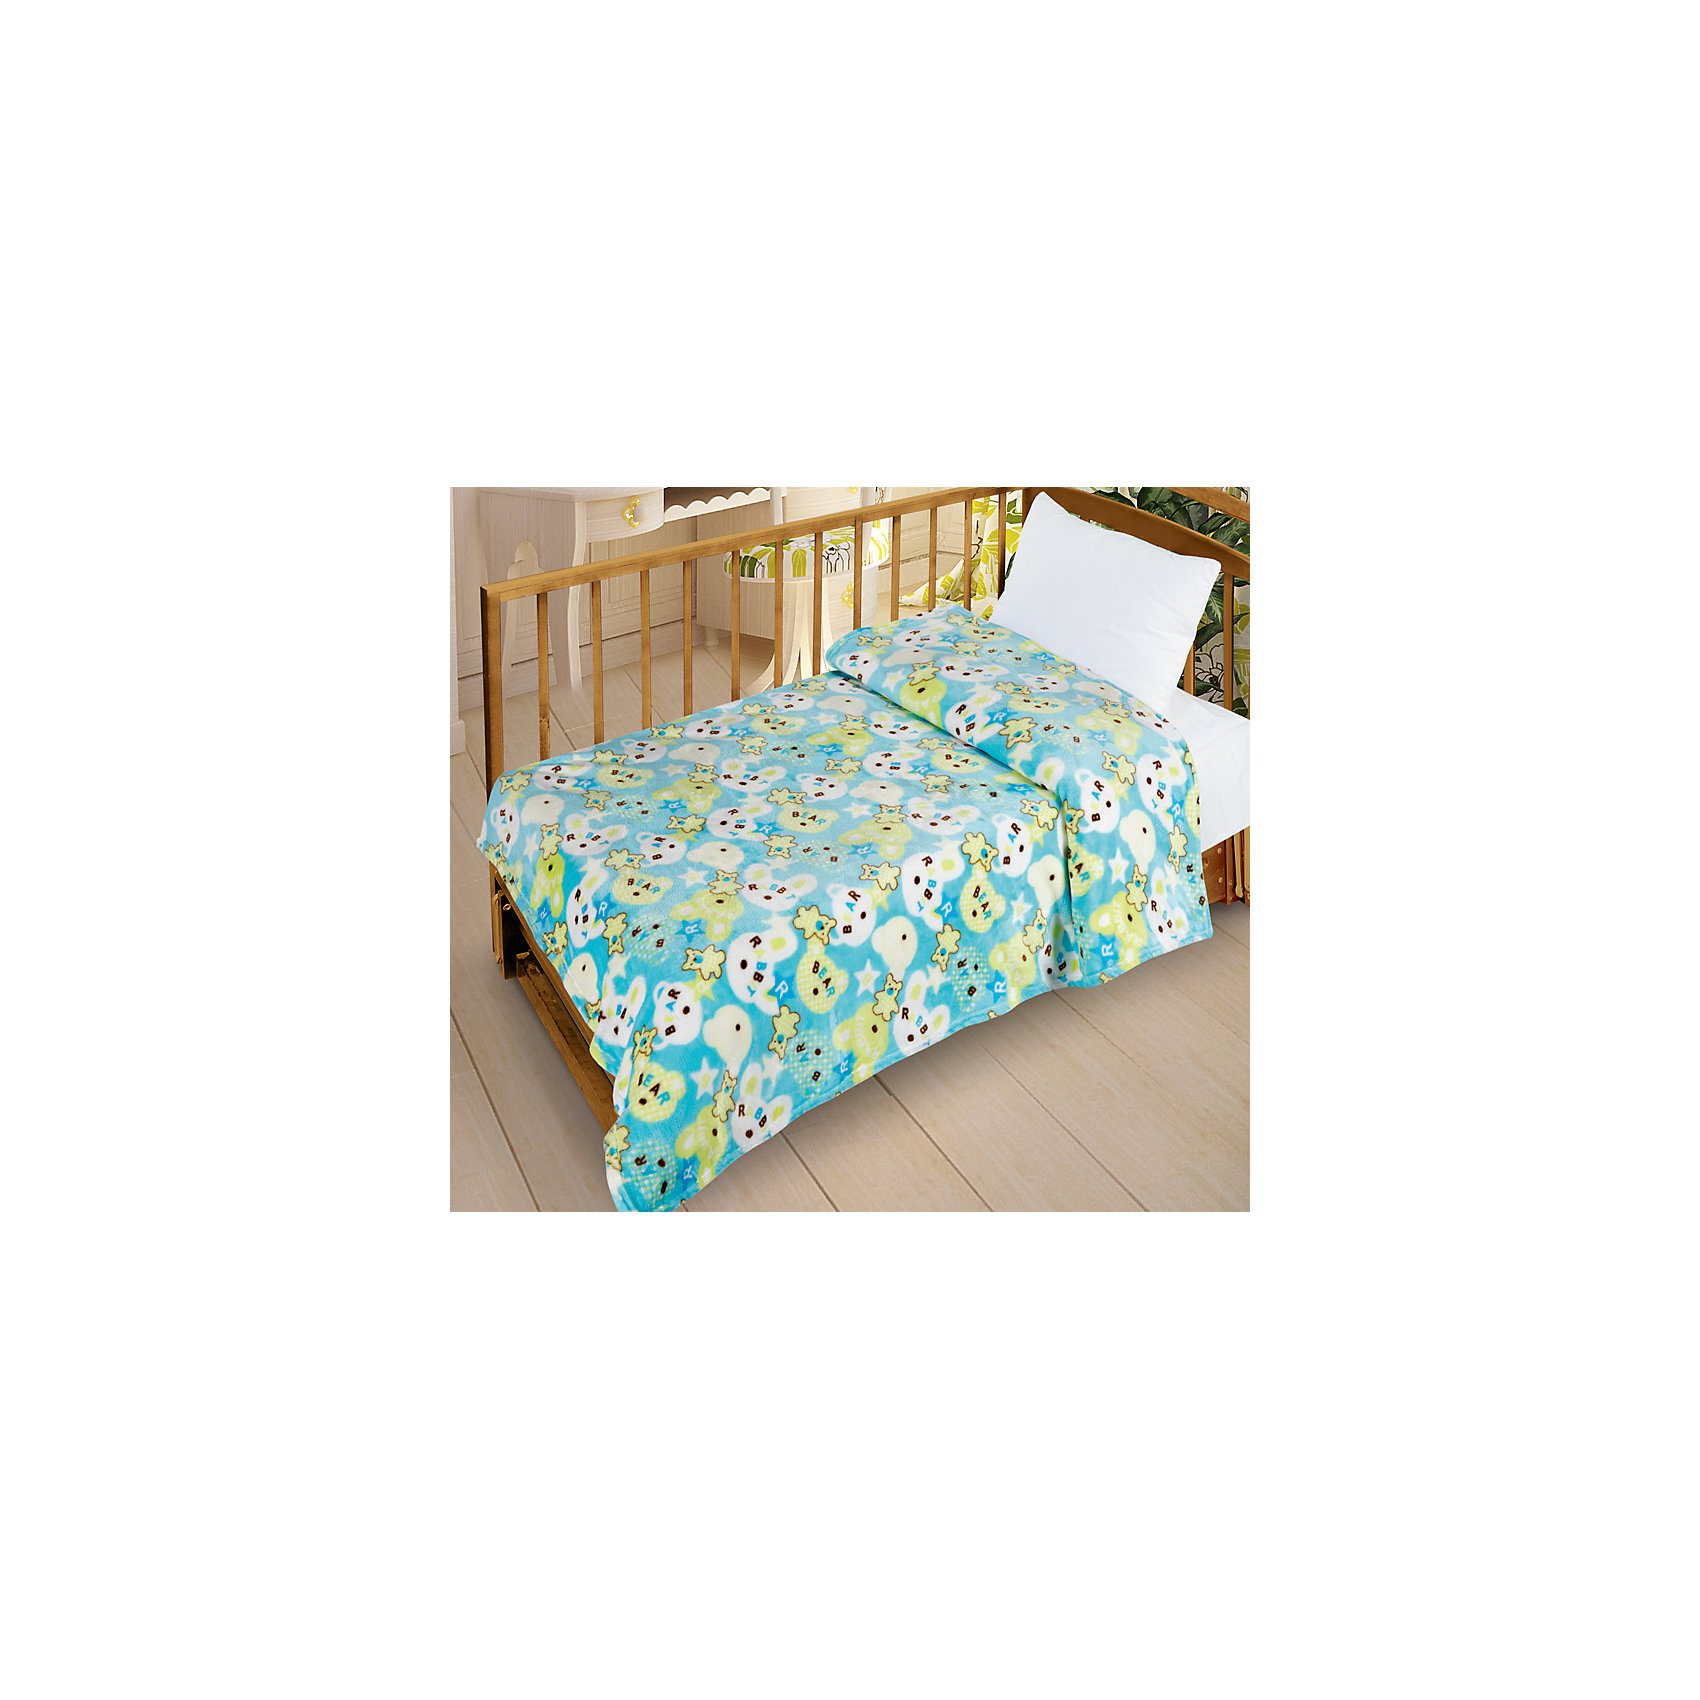 Плед  Велсофт-беби в кроватку VB10, 95х130Нежнейший плед в детскую кроватку выполнен из современного материала Велсофт -  ткань напоминает на ощупь плюшевую игрушку. Материал гипоаллергенен, плед легкий и в то же время теплый. Приятна расцветка пледа создаст в детской комнате уют и приятную атмосферу. <br><br>Дополнительная информация:<br><br>Размер: 95*130 см<br><br>Плед  Велсофт-беби в кроватку VB10, 95х130 можно купить в нашем магазине.<br><br>Ширина мм: 400<br>Глубина мм: 100<br>Высота мм: 500<br>Вес г: 800<br>Возраст от месяцев: 0<br>Возраст до месяцев: 36<br>Пол: Унисекс<br>Возраст: Детский<br>SKU: 4647772